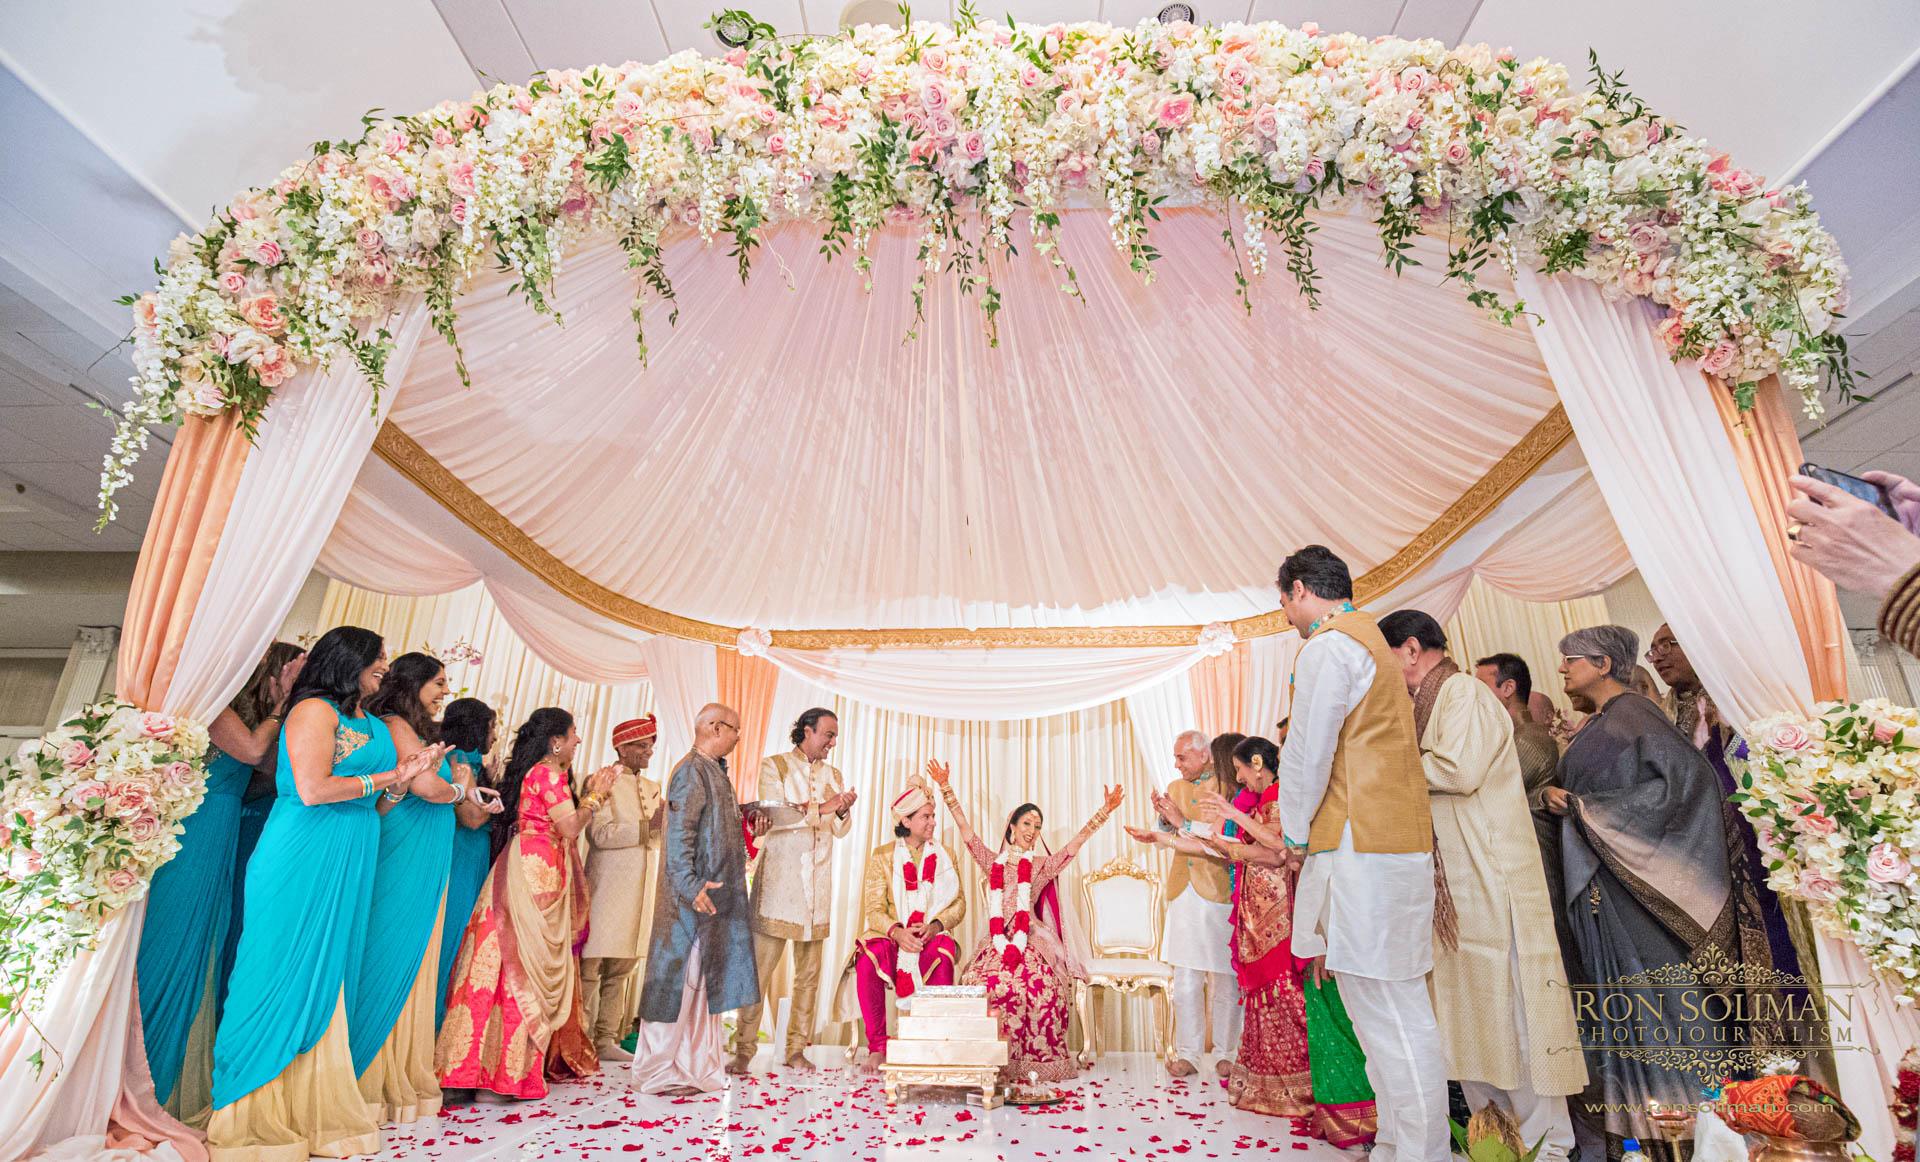 SHERATON MAHWAH INDIAN WEDDING 12